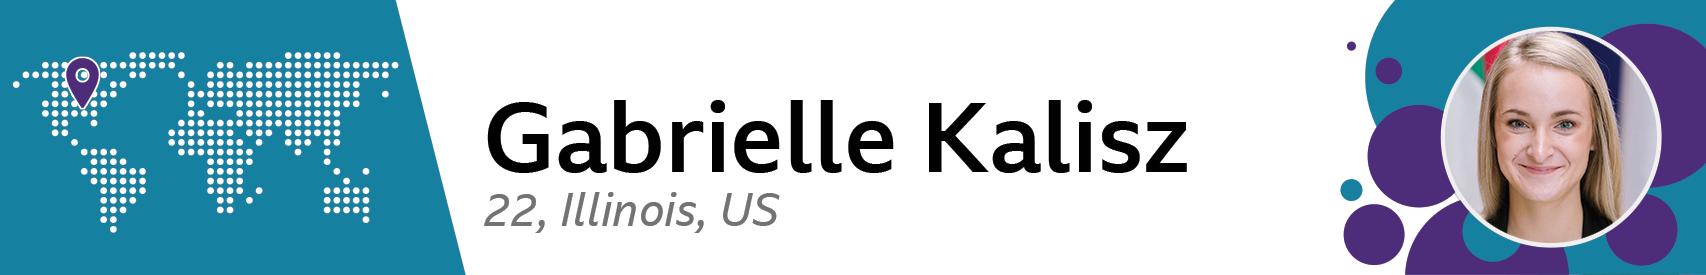 Gabrielle Kalisz